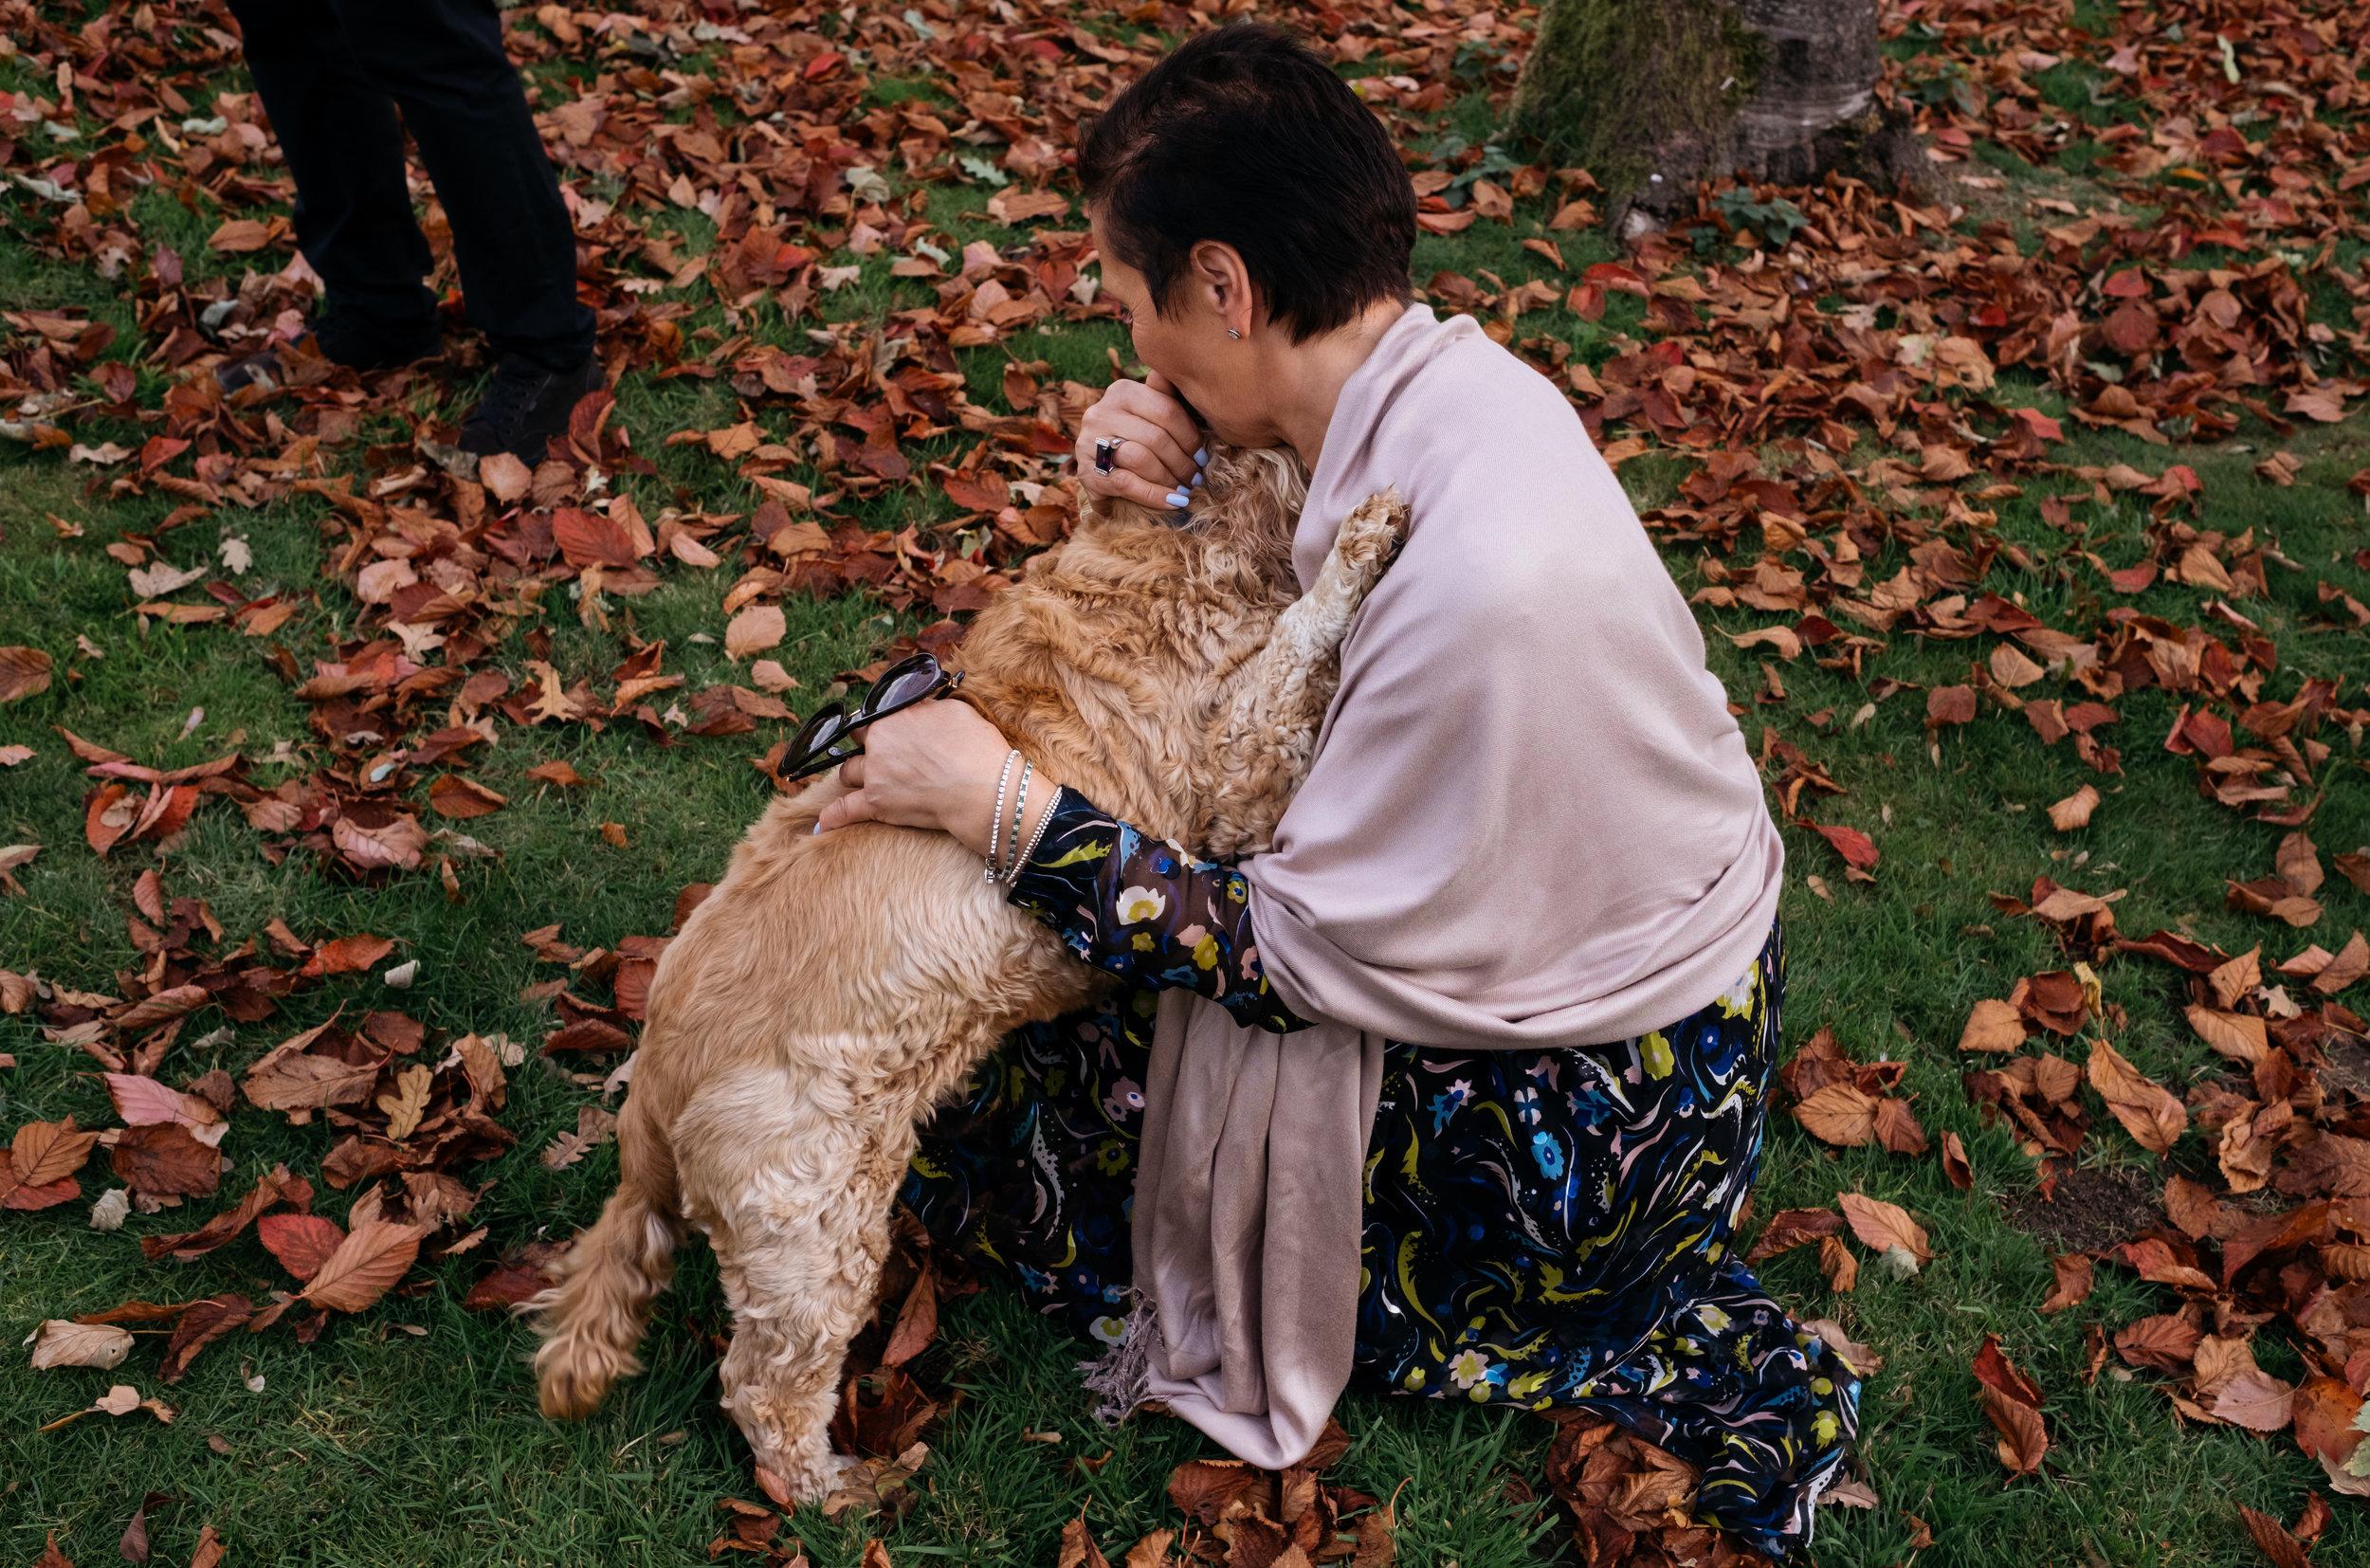 Wedding guest cuddling dog